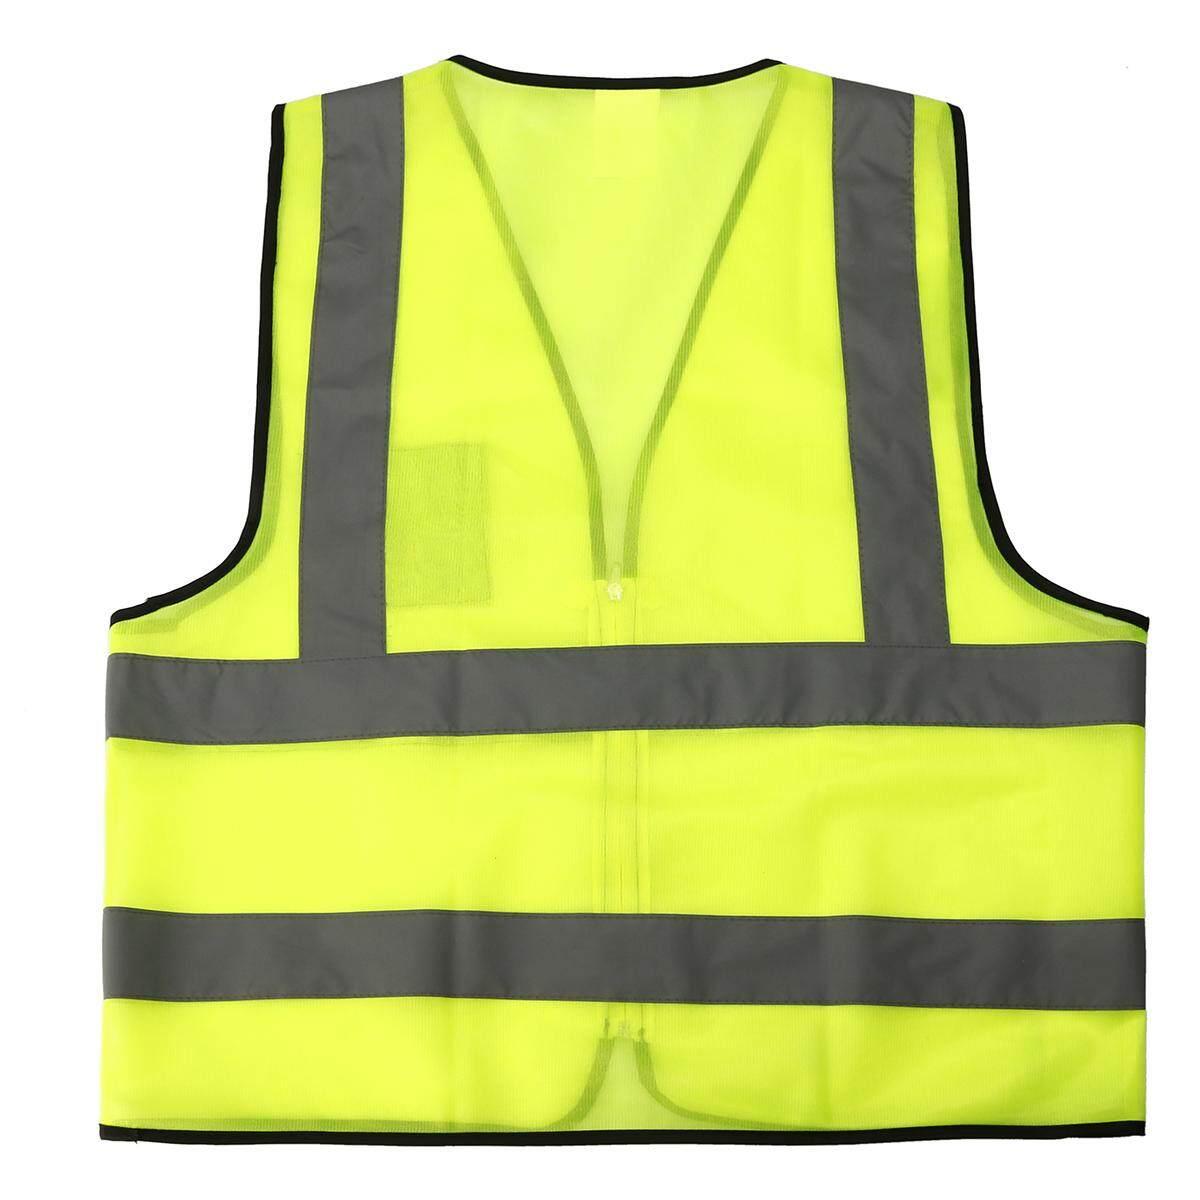 สวัสดี - Vis เสื้อกั๊กความปลอดภัยแจ็คเก็ตสะท้อนความปลอดภัยเสื้อกั๊กใหม่ 62*6 เซนติเมตร - นานาชาติ.